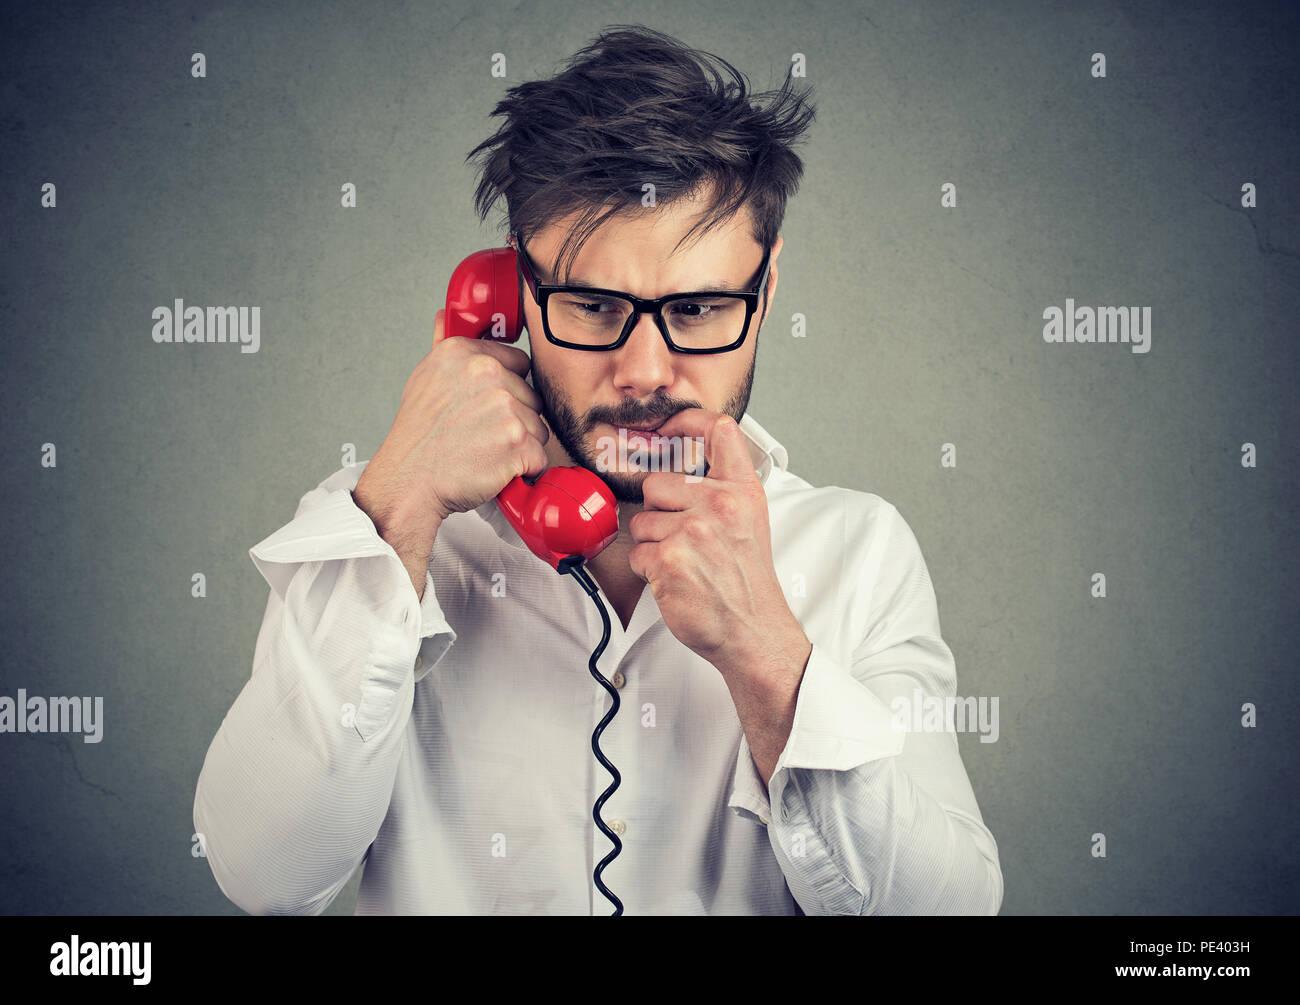 Joven Hombre frustrado en vidrios con llamada de teléfono y mordiendo las uñas nervioso mirando mientras habla sobre fondo gris Imagen De Stock